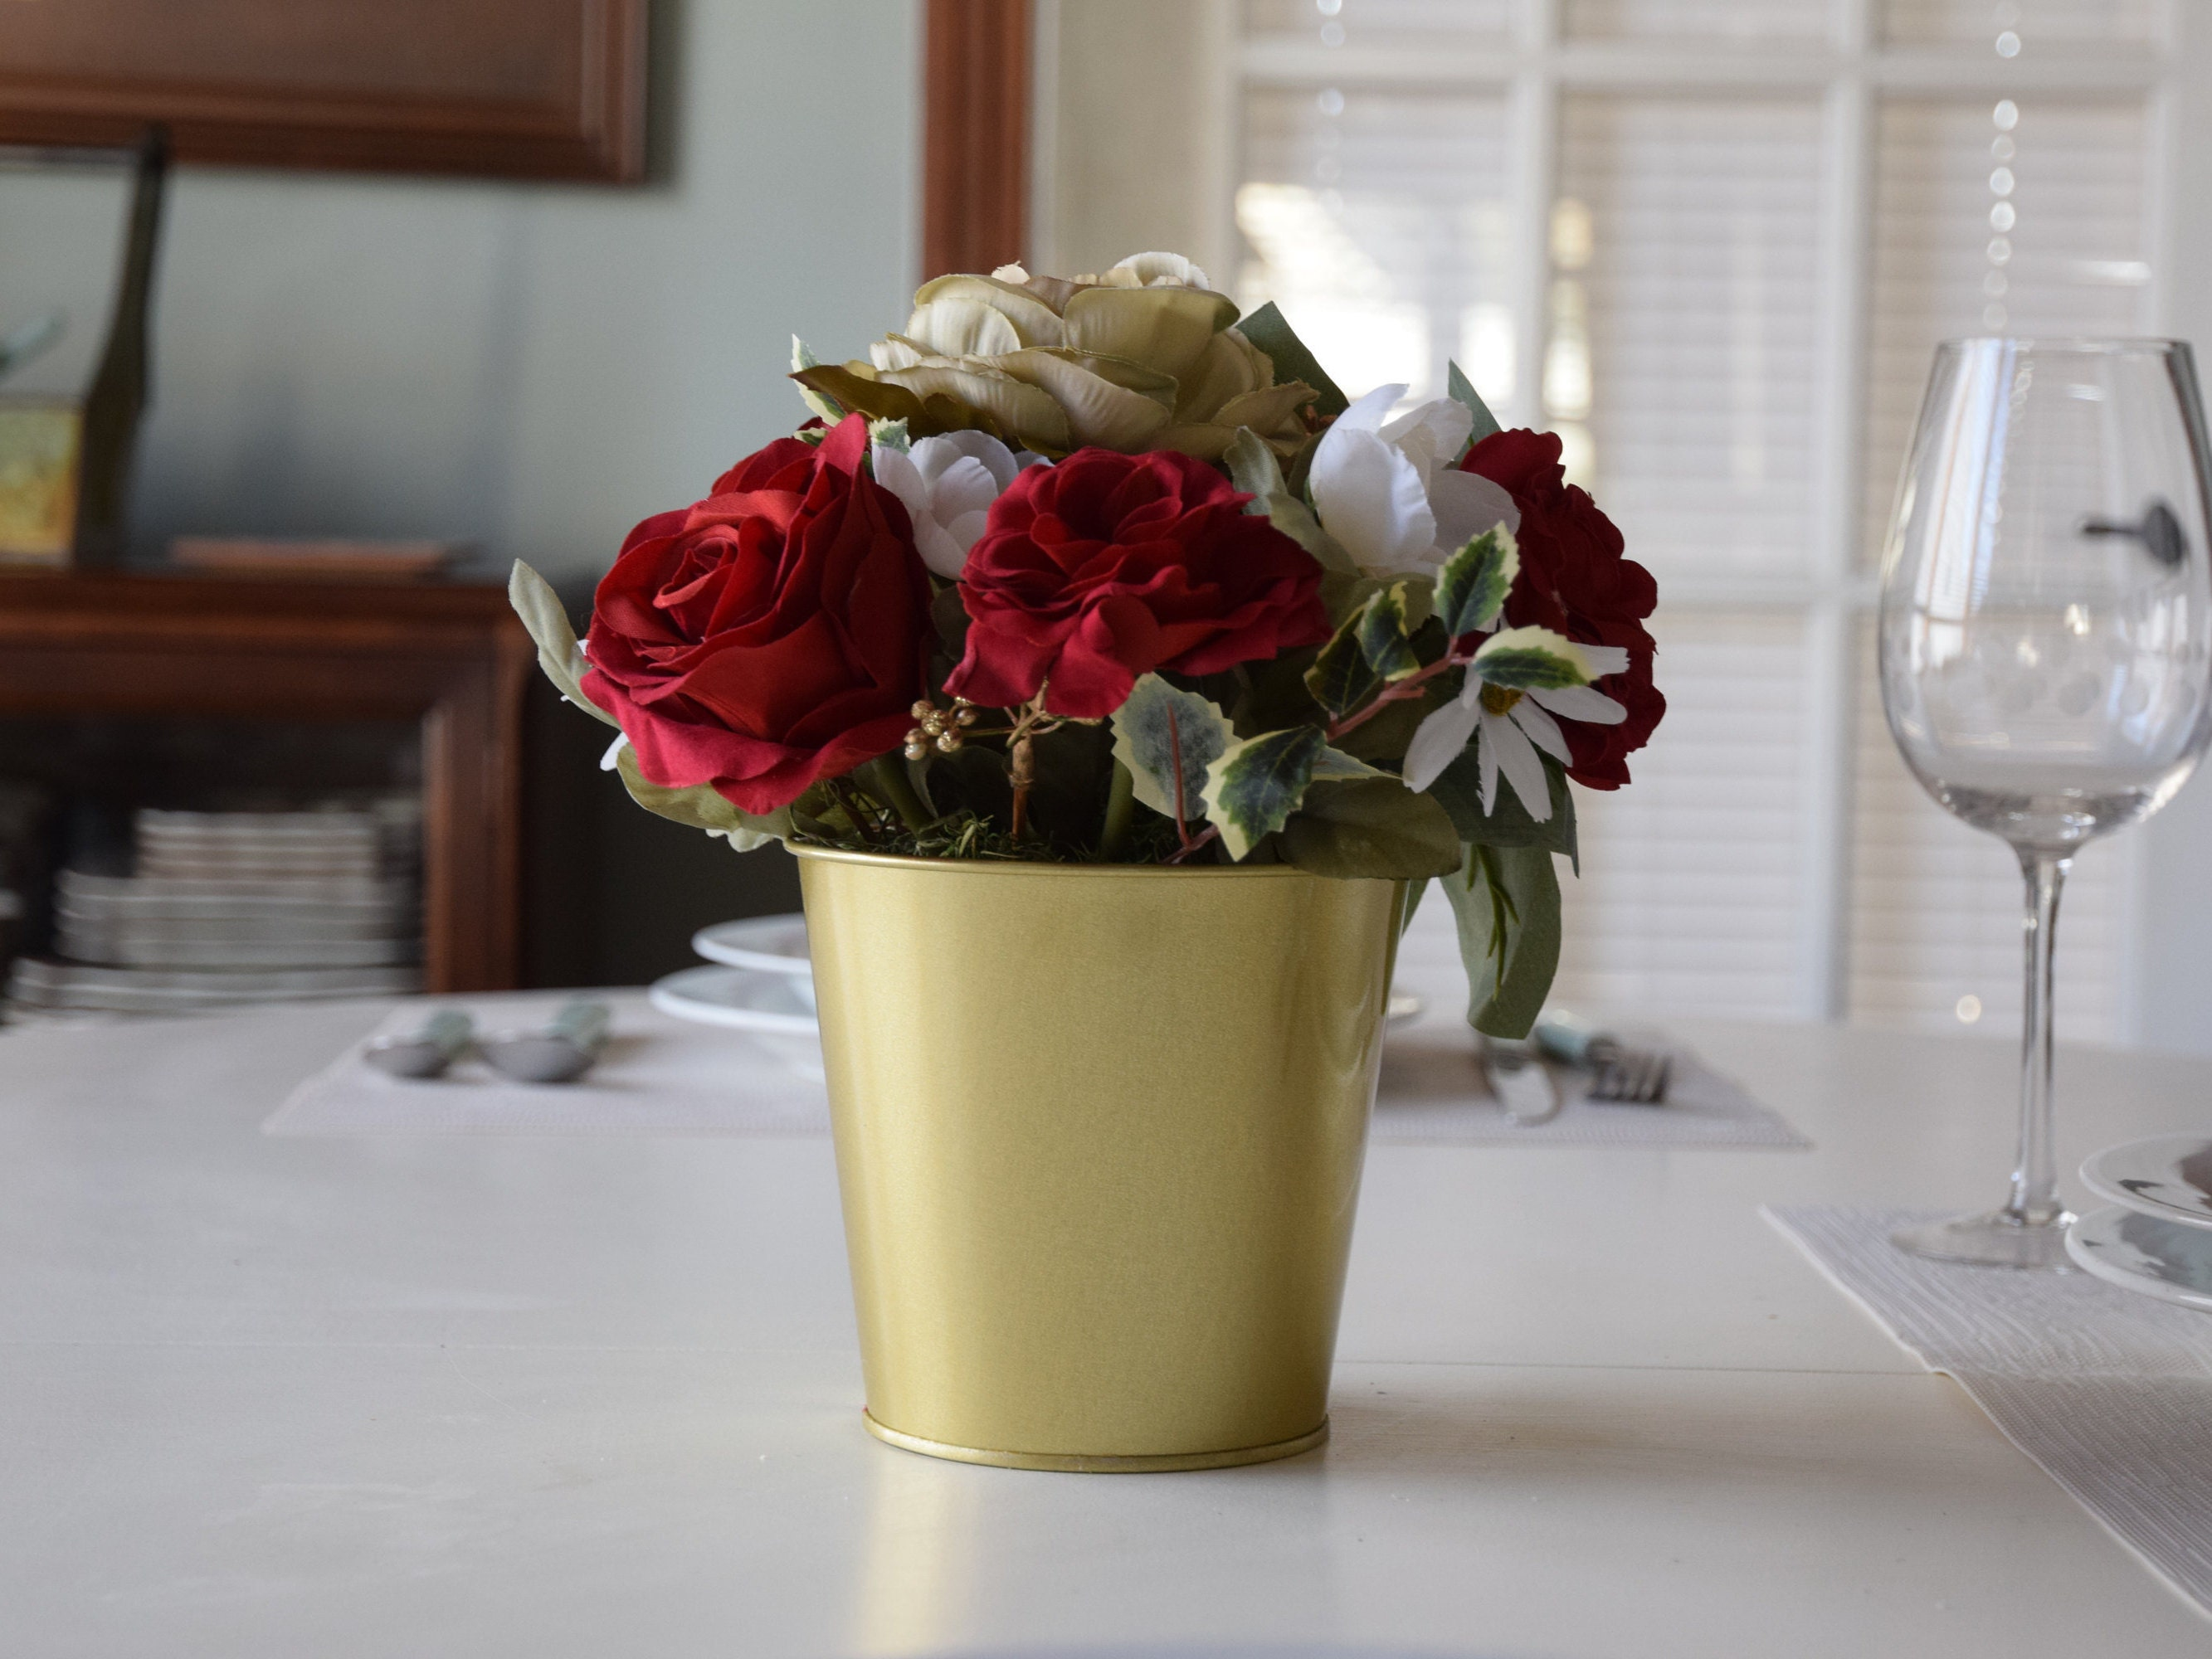 Romantic Red Roses Silk Flower Arrangement Gift